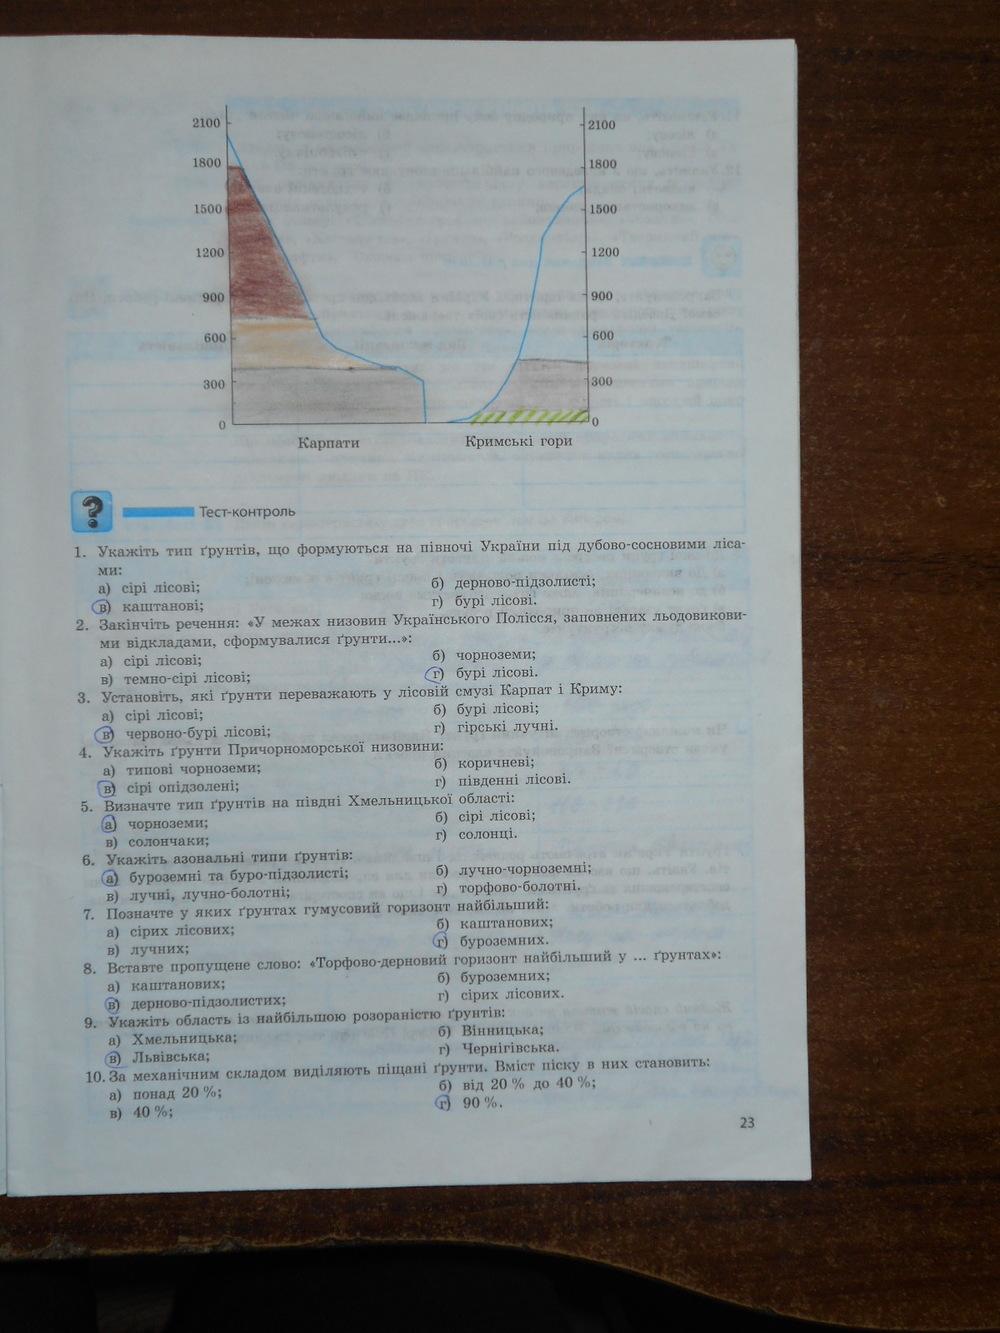 ГДЗ відповіді робочий зошит по географии 8 класс Т.Г. Гільберг, В.М. Проценко. Задание: стр. 23